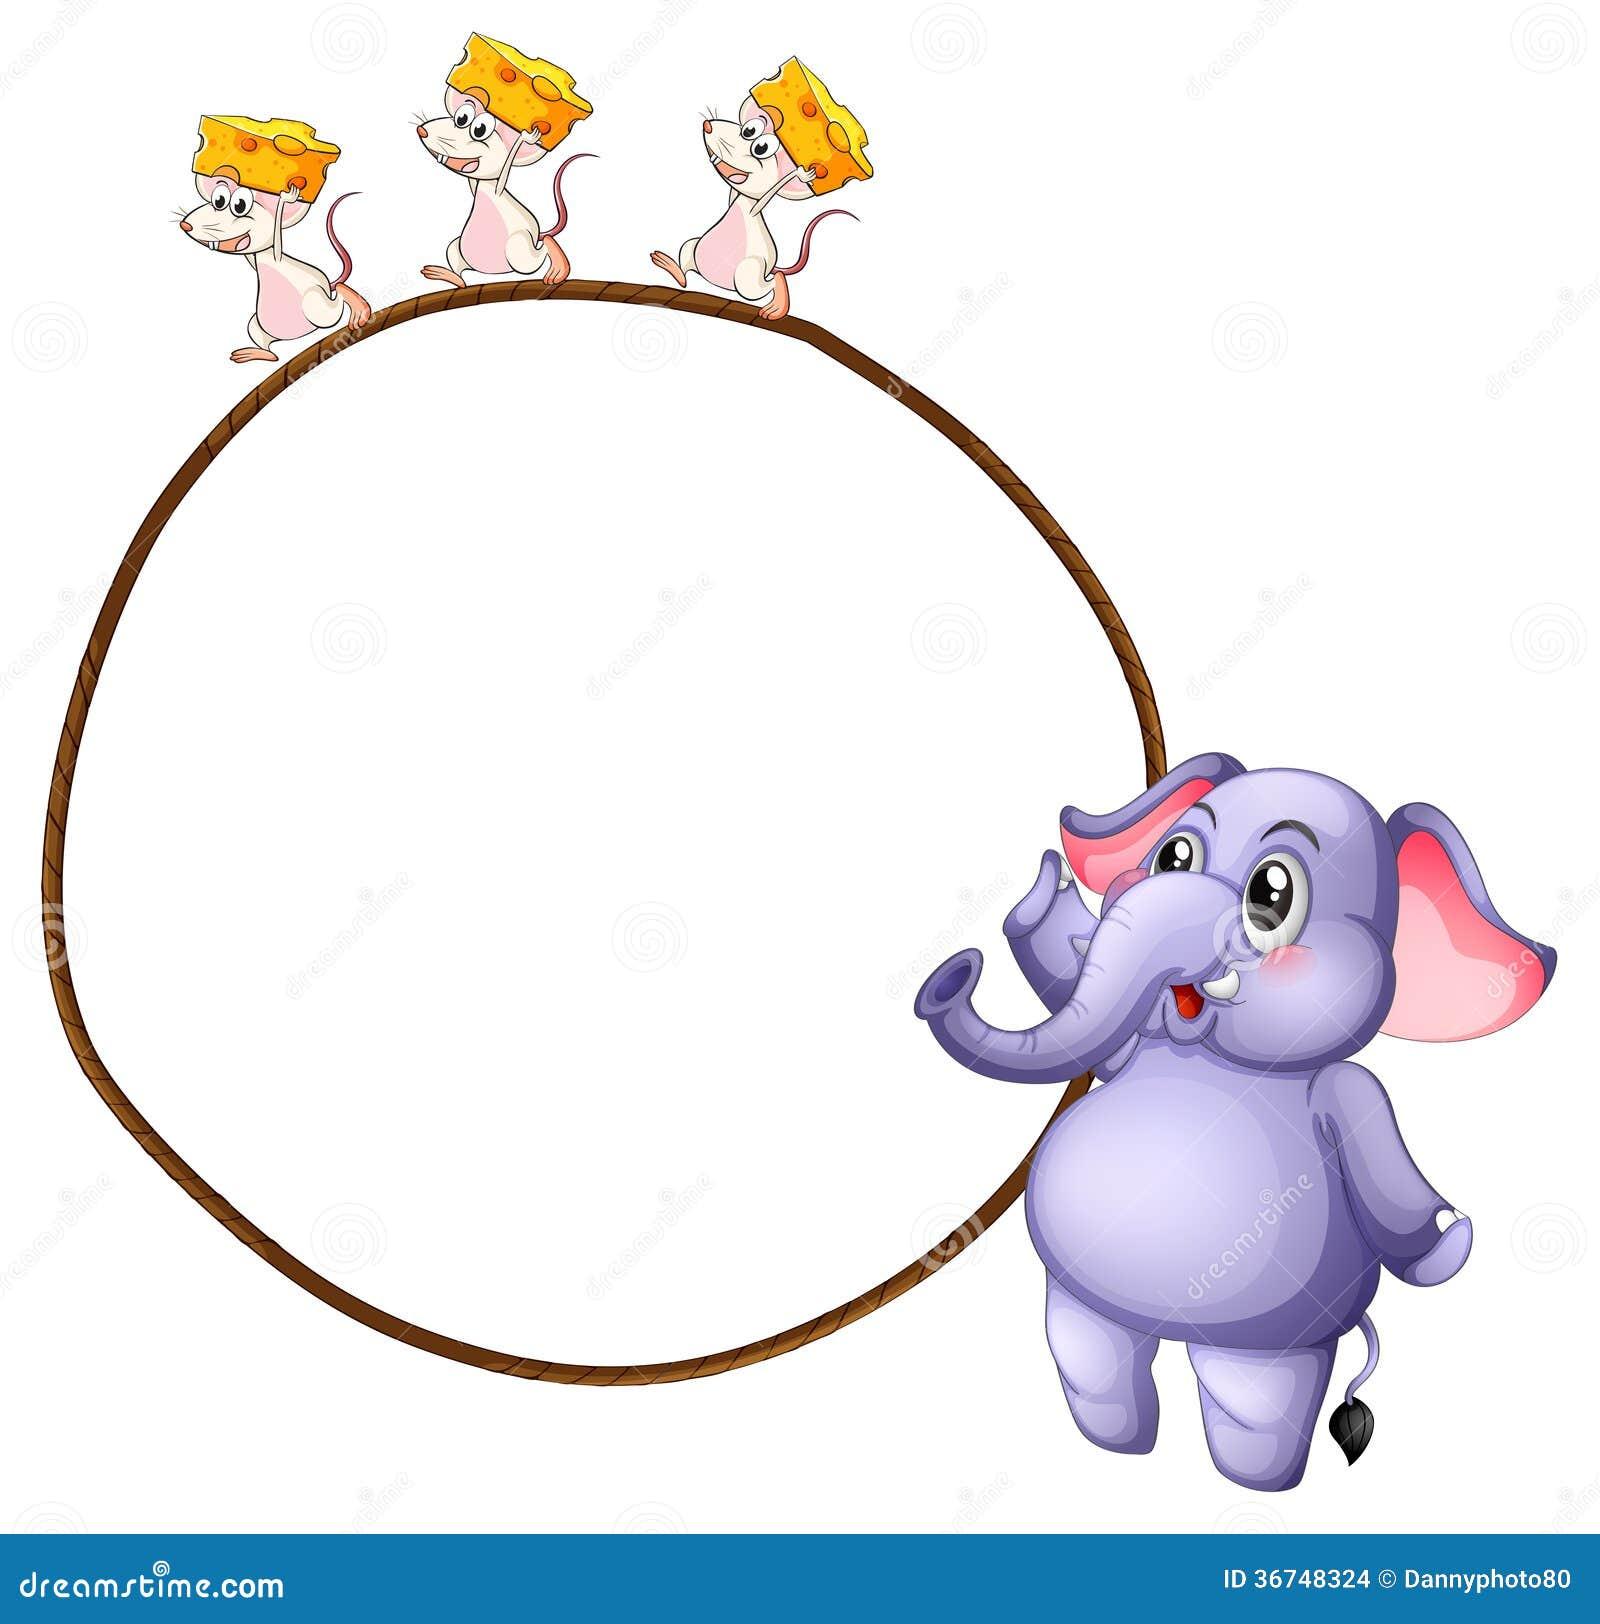 Drei Mäuse und ein Elefant stock abbildung. Illustration von ...